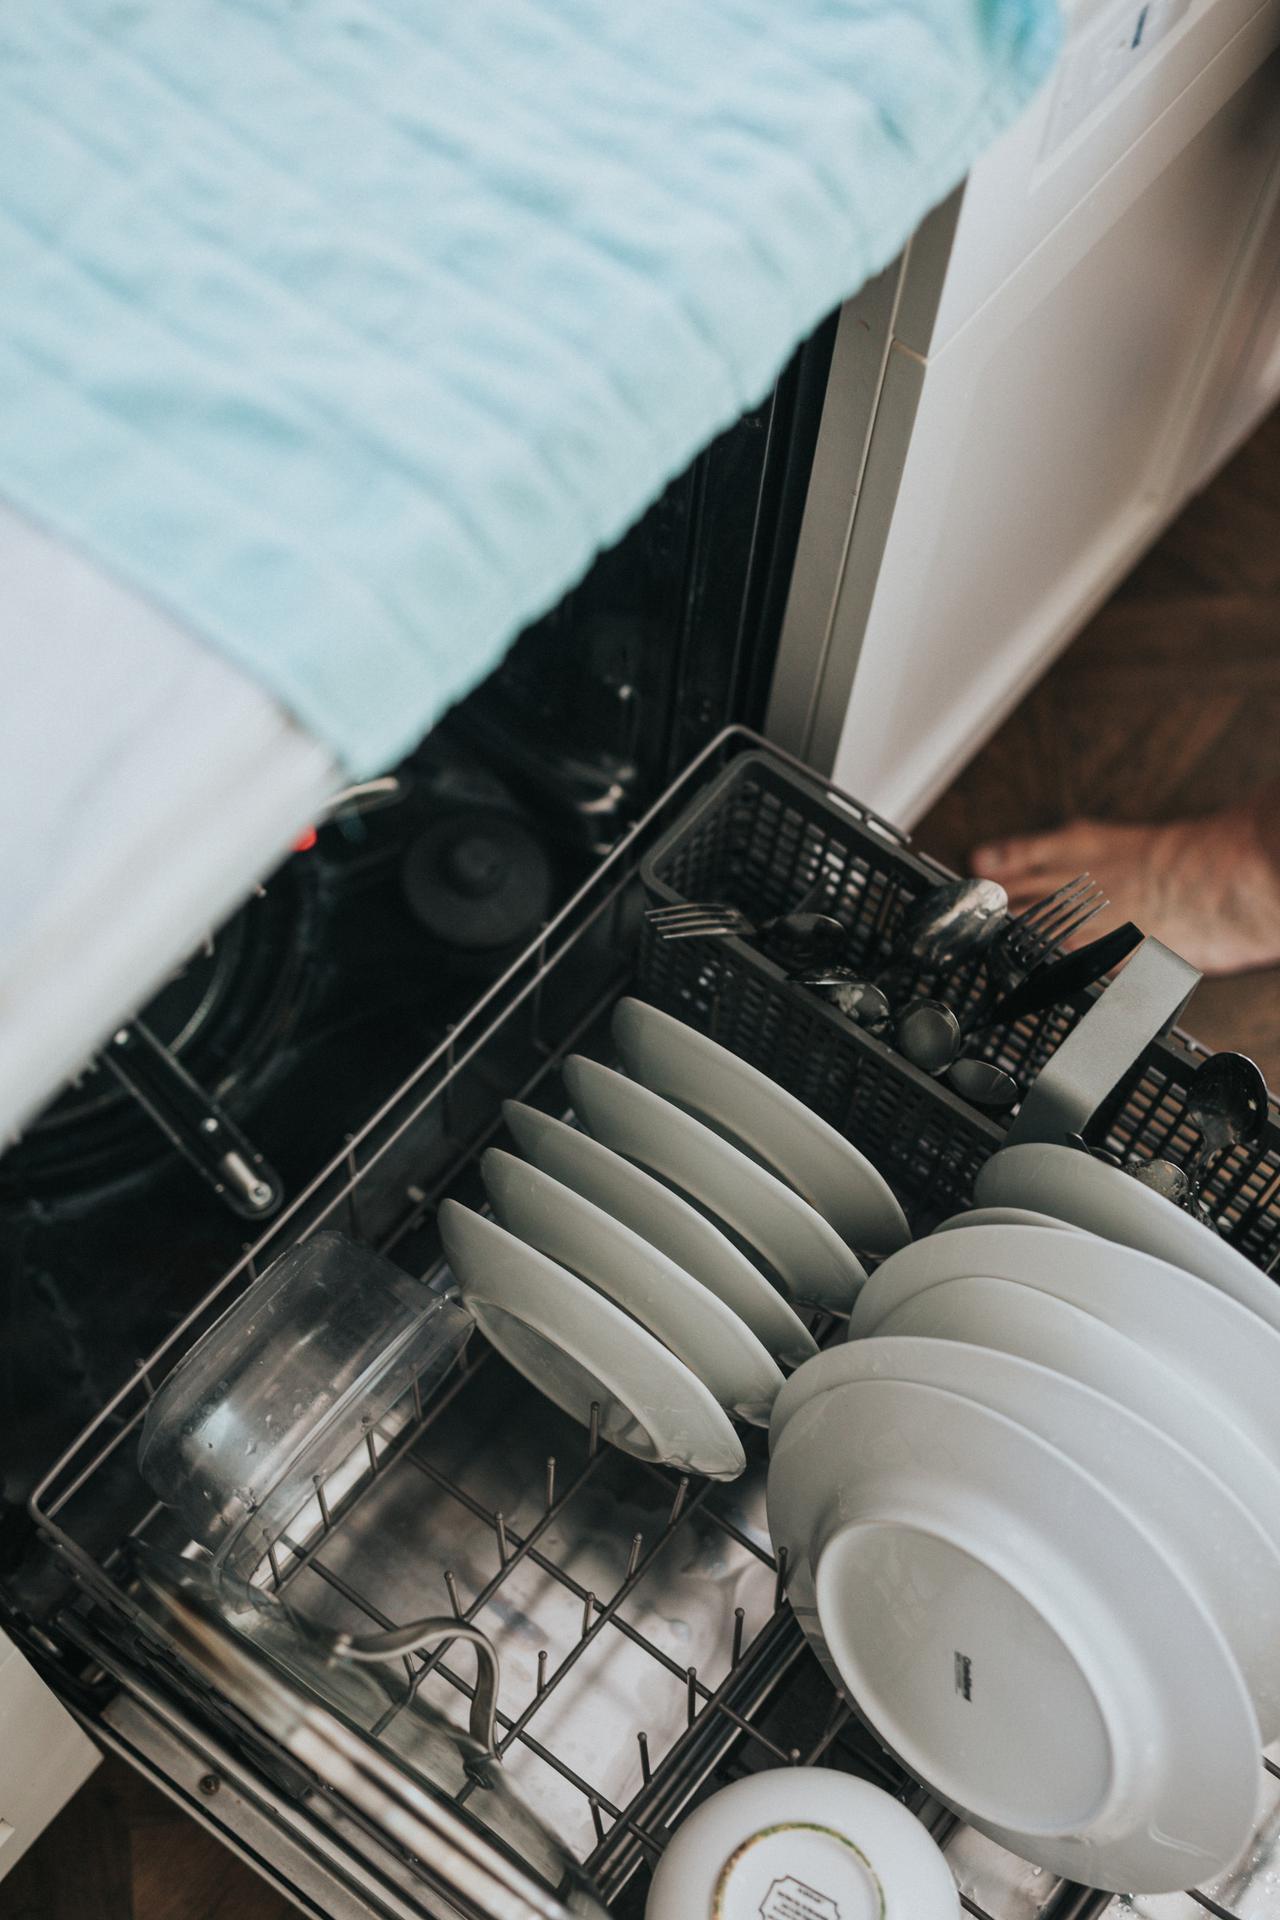 Ceramic Pro Dishwasher